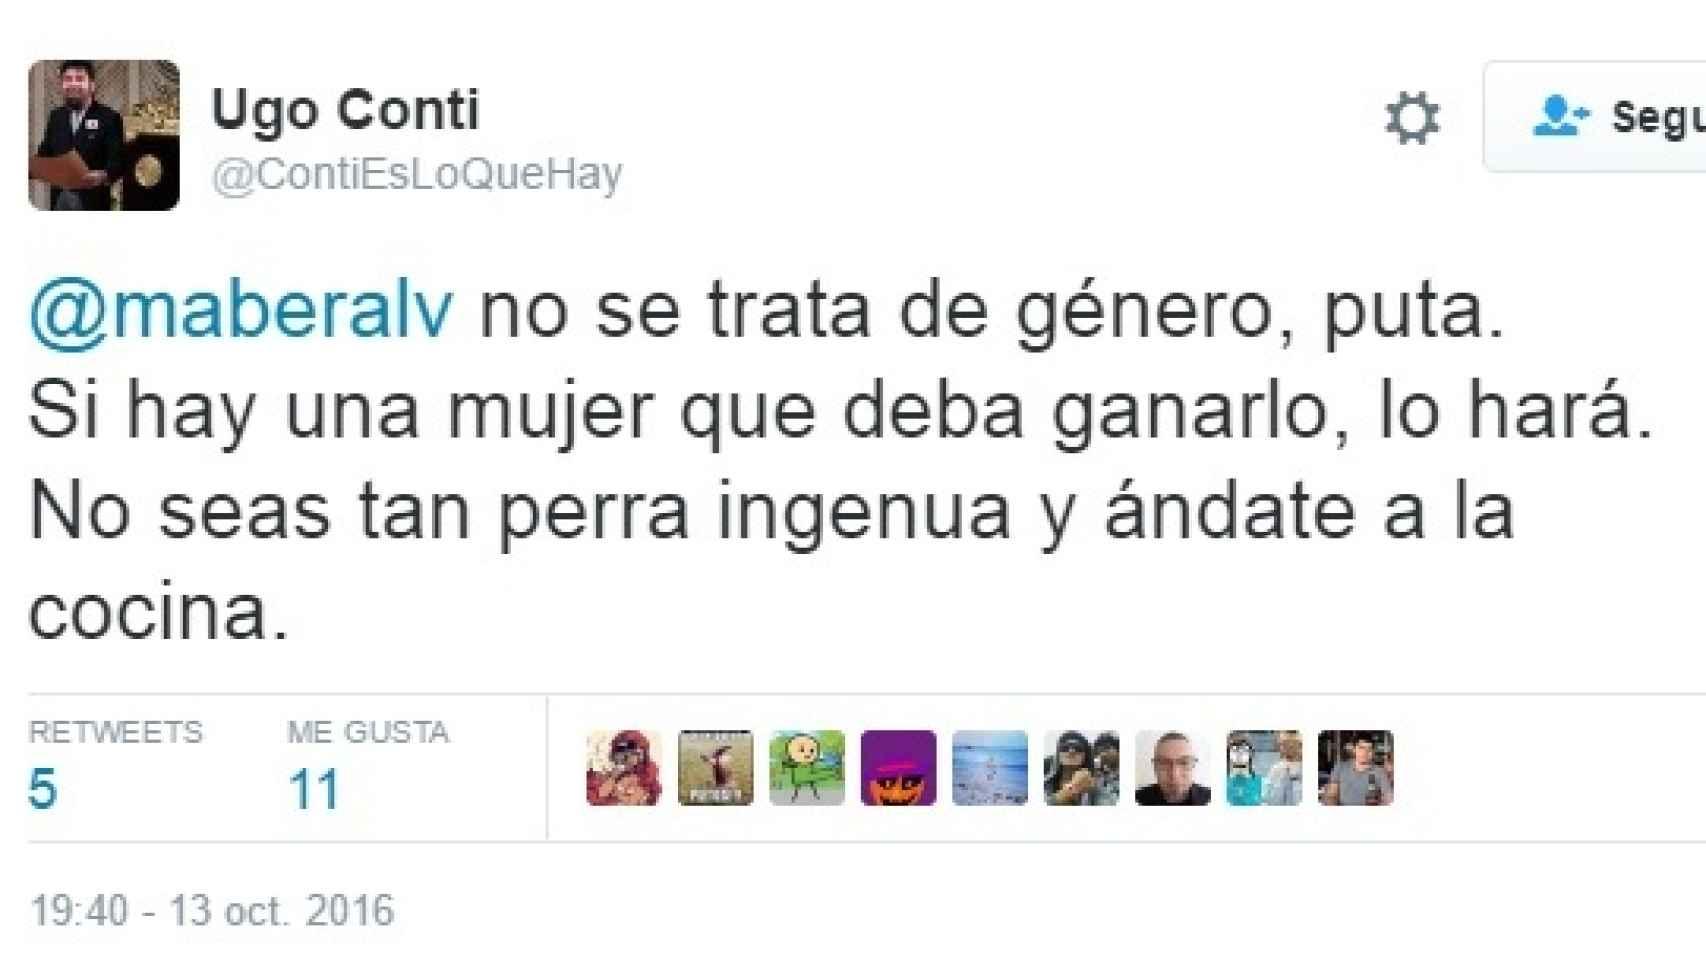 Uno de los mensajes insultantes que recibió la periodista Ángela Bernardo.